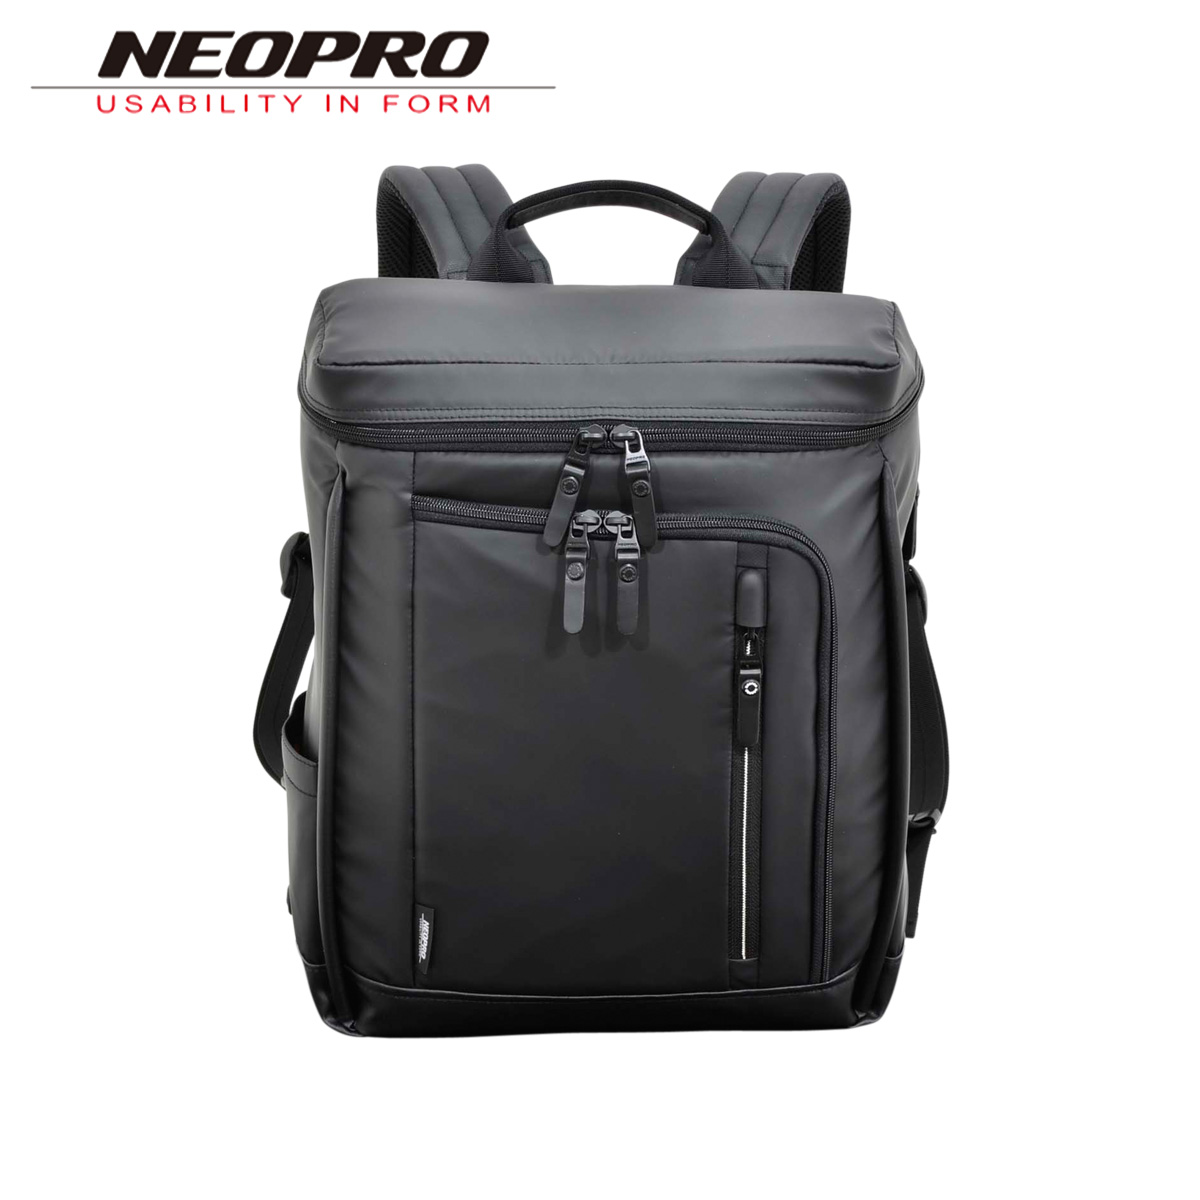 ネオプロ NEOPRO リュック バッグ バックパック ビジネスバッグ メンズ COMMUTE LIGHT BOX BACKPACK ブラック 黒 2-763